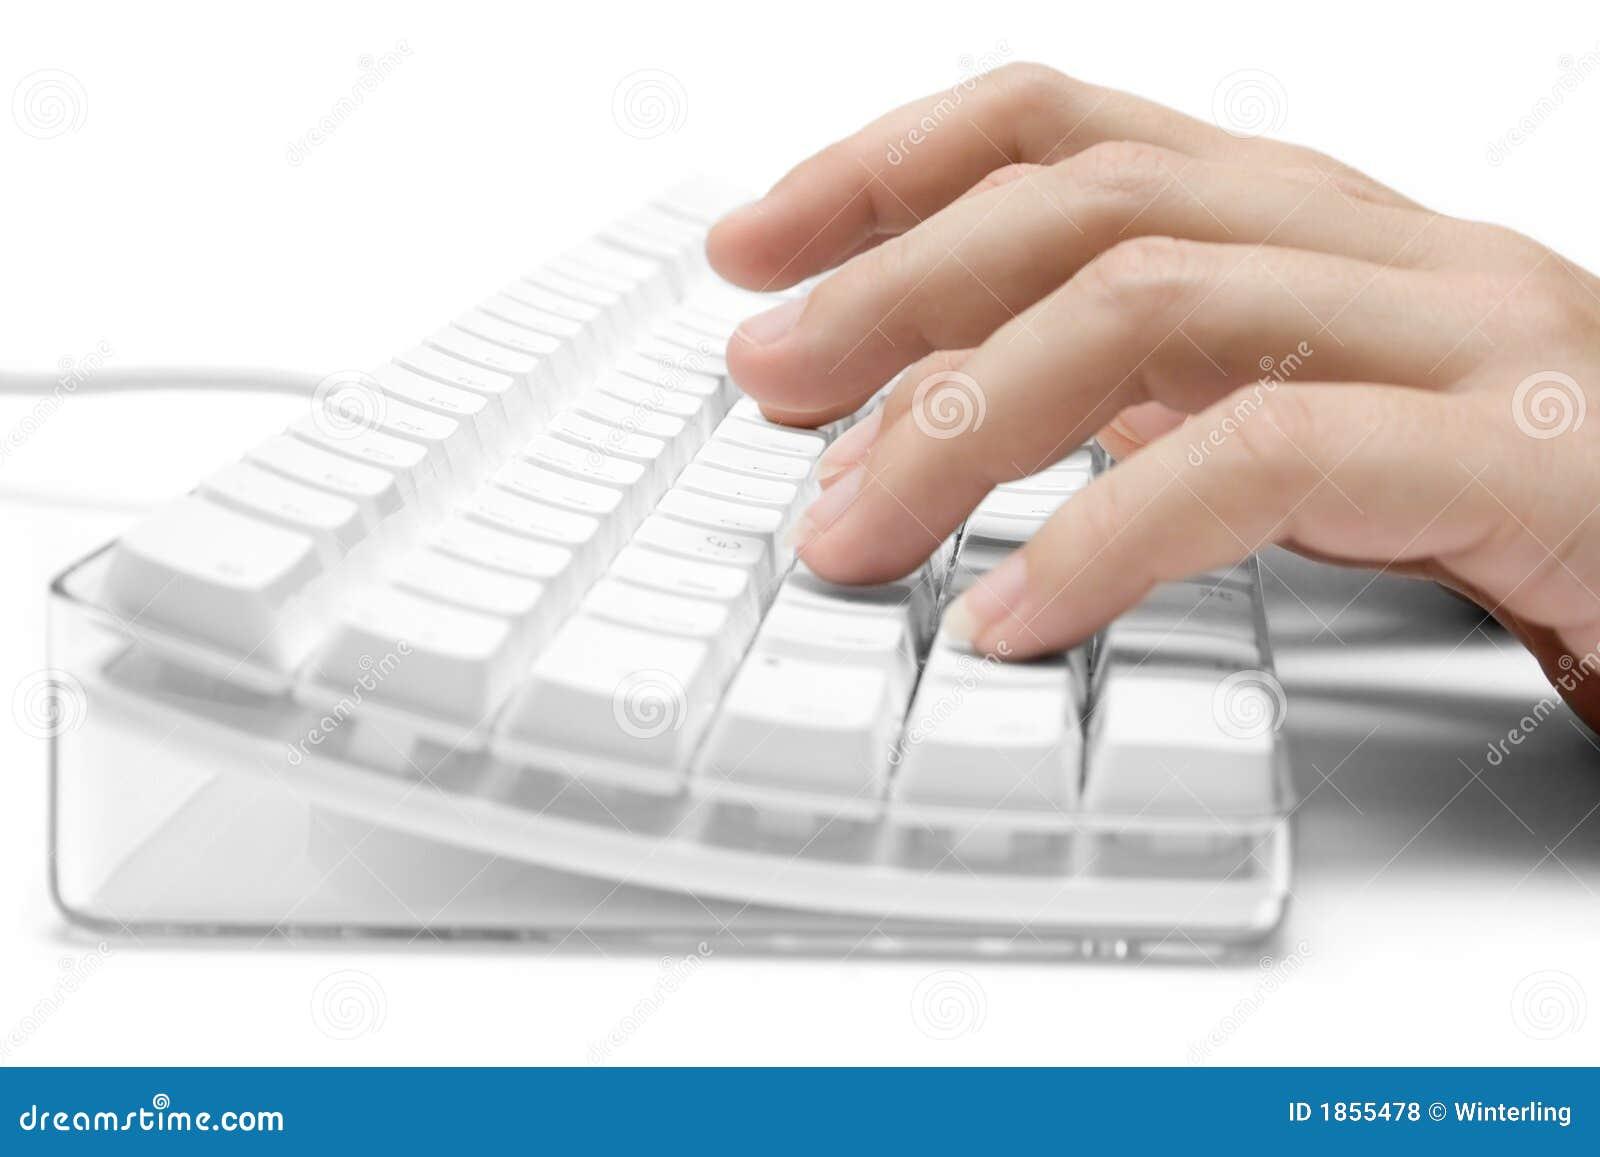 Dactilografia em um teclado de computador branco